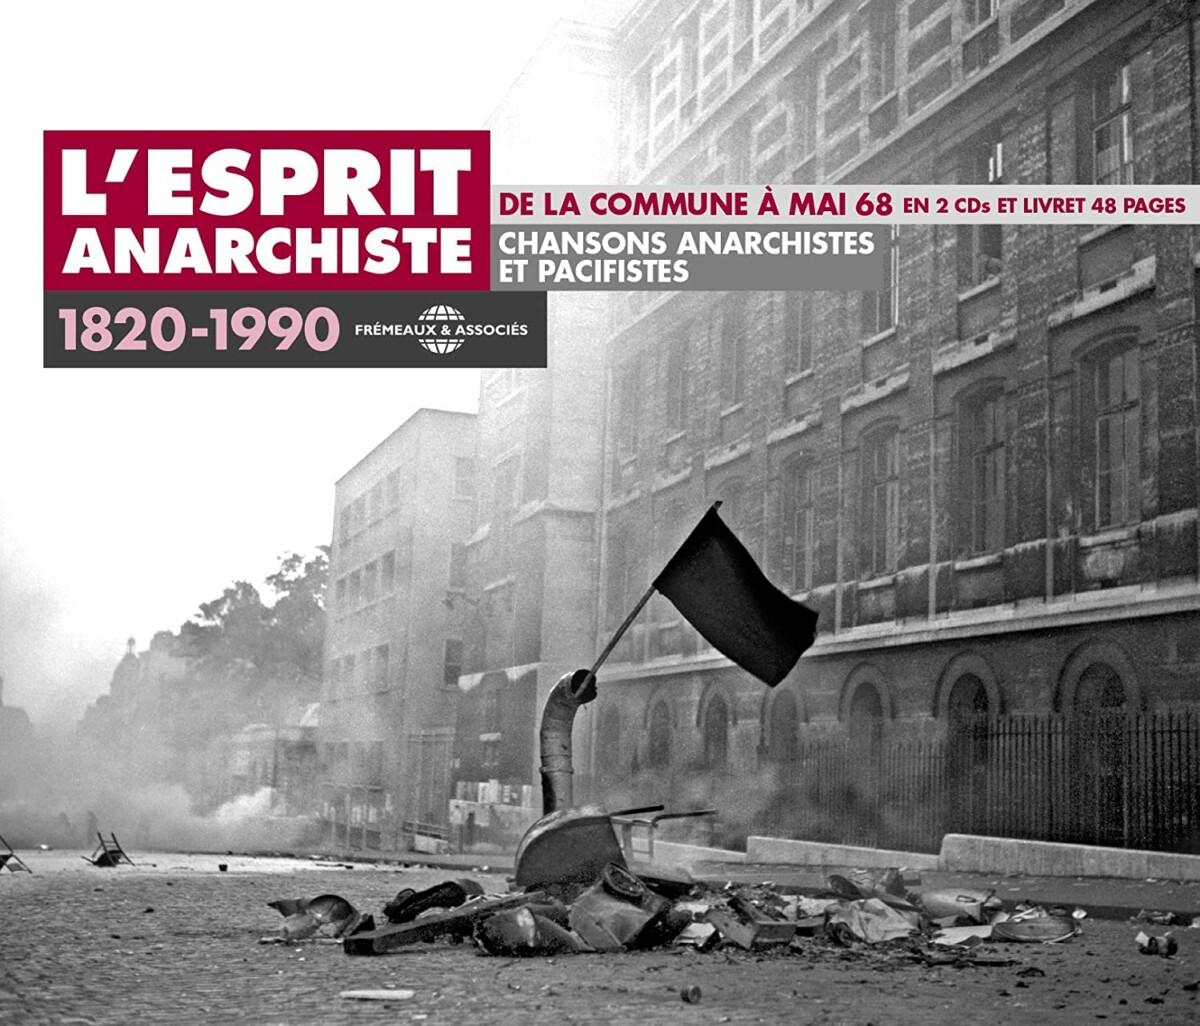 Cuadernos de contracultura: Folk  y  bajos  fondos.  Parte  2.La  chanson  francesa  libertaria.